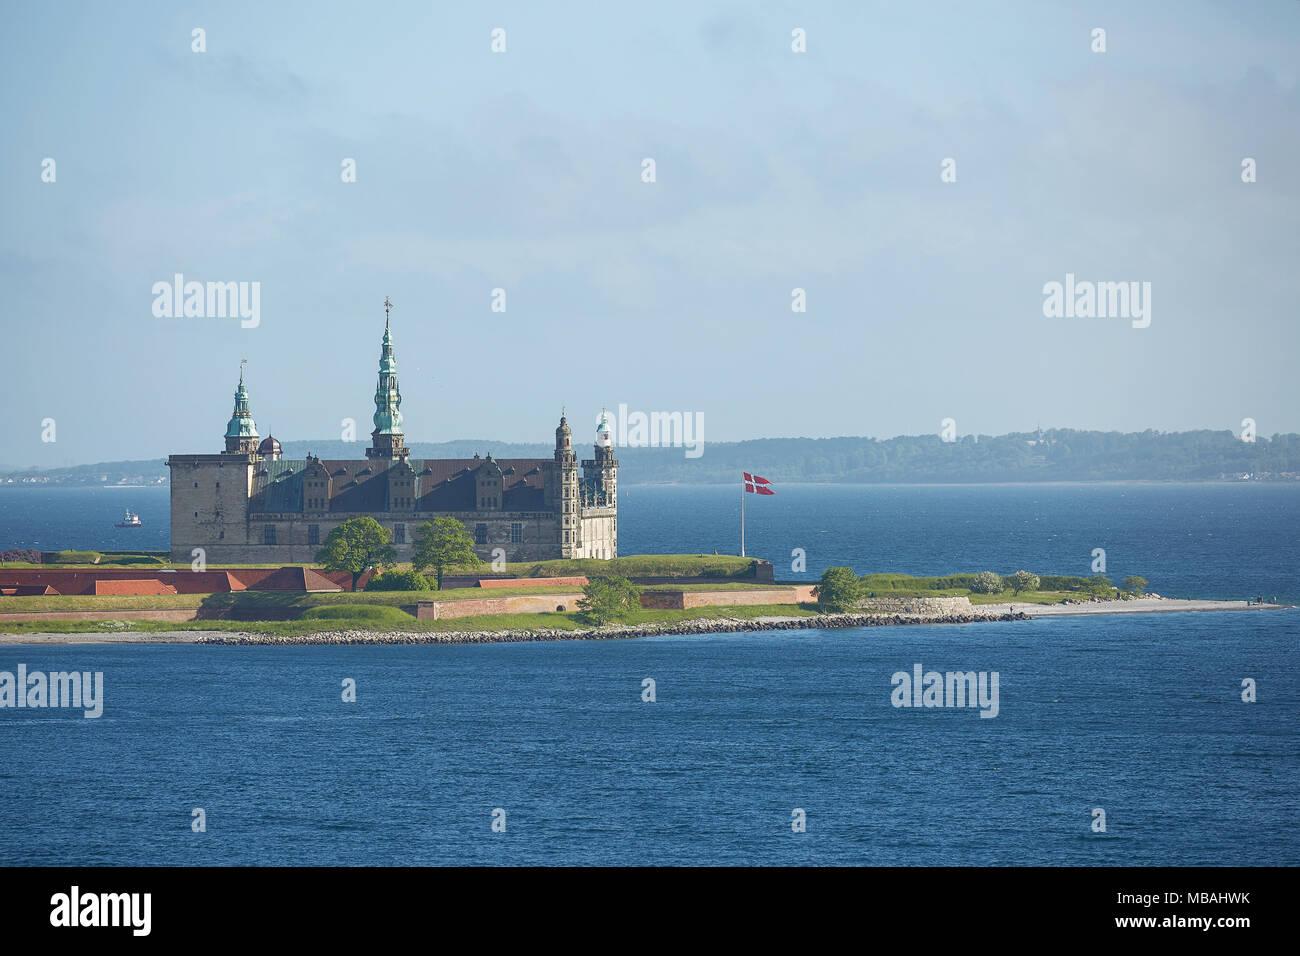 Kronborg castle in Helsingor, Denmark. - Stock Image